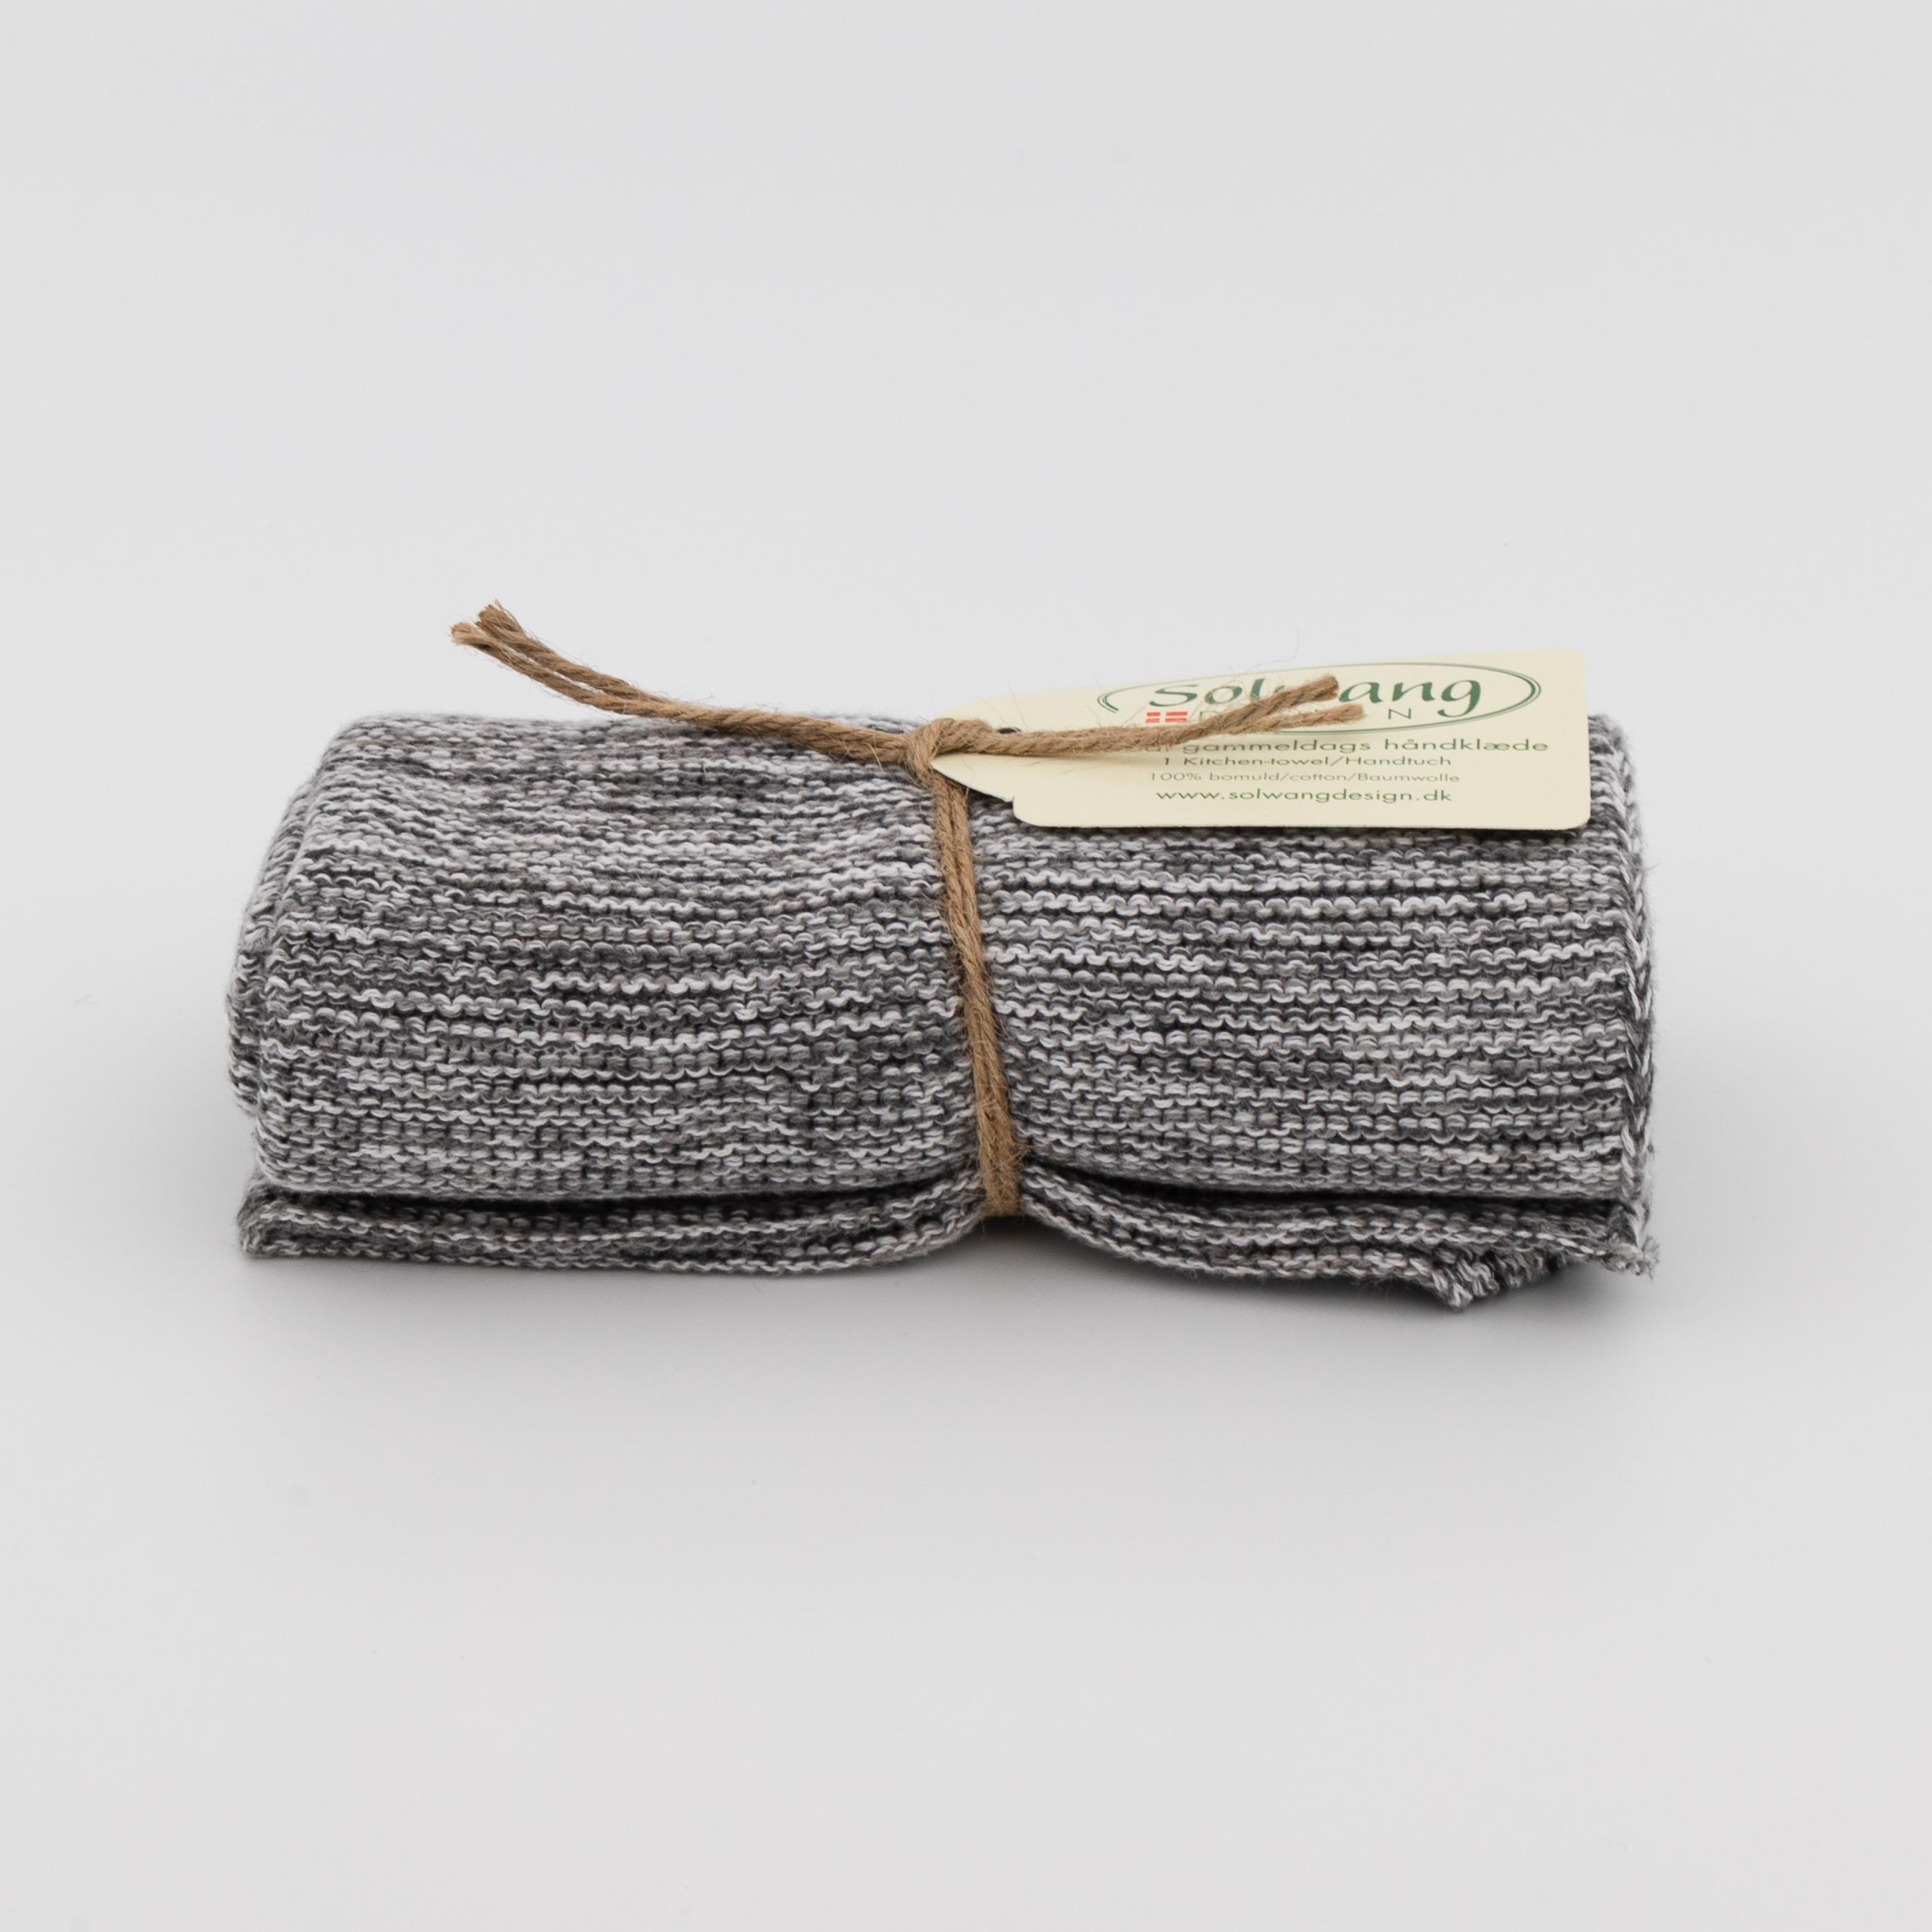 Zusammengerolltes Handtuch in grau.